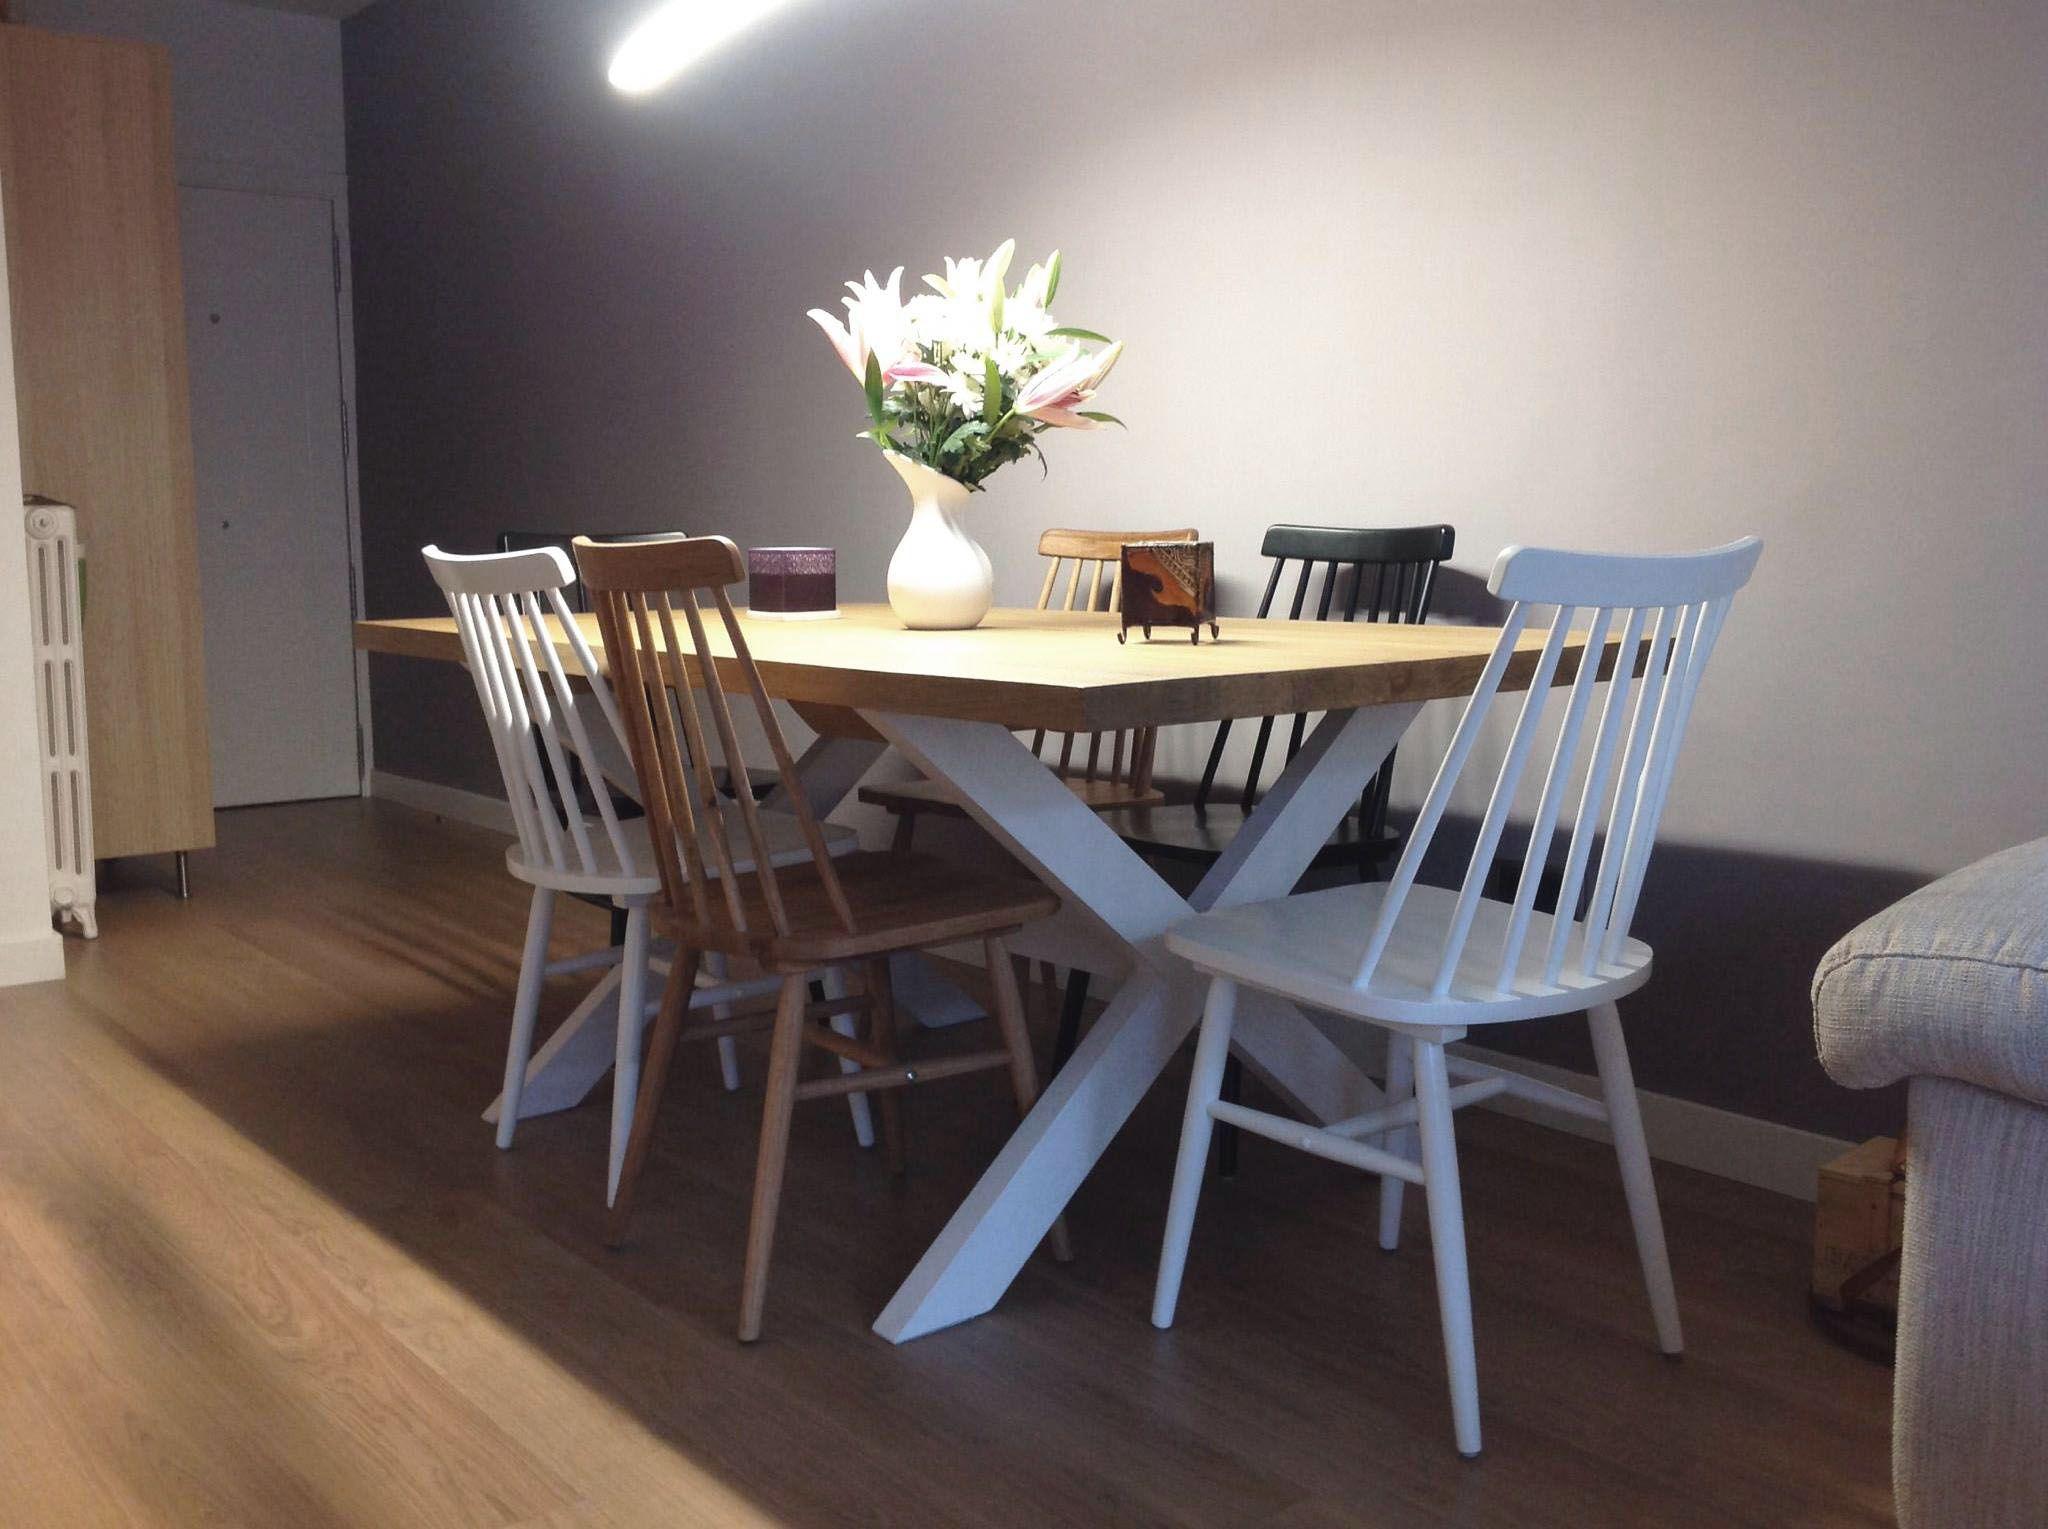 Mesa de edor Cottage Silvia Woo s